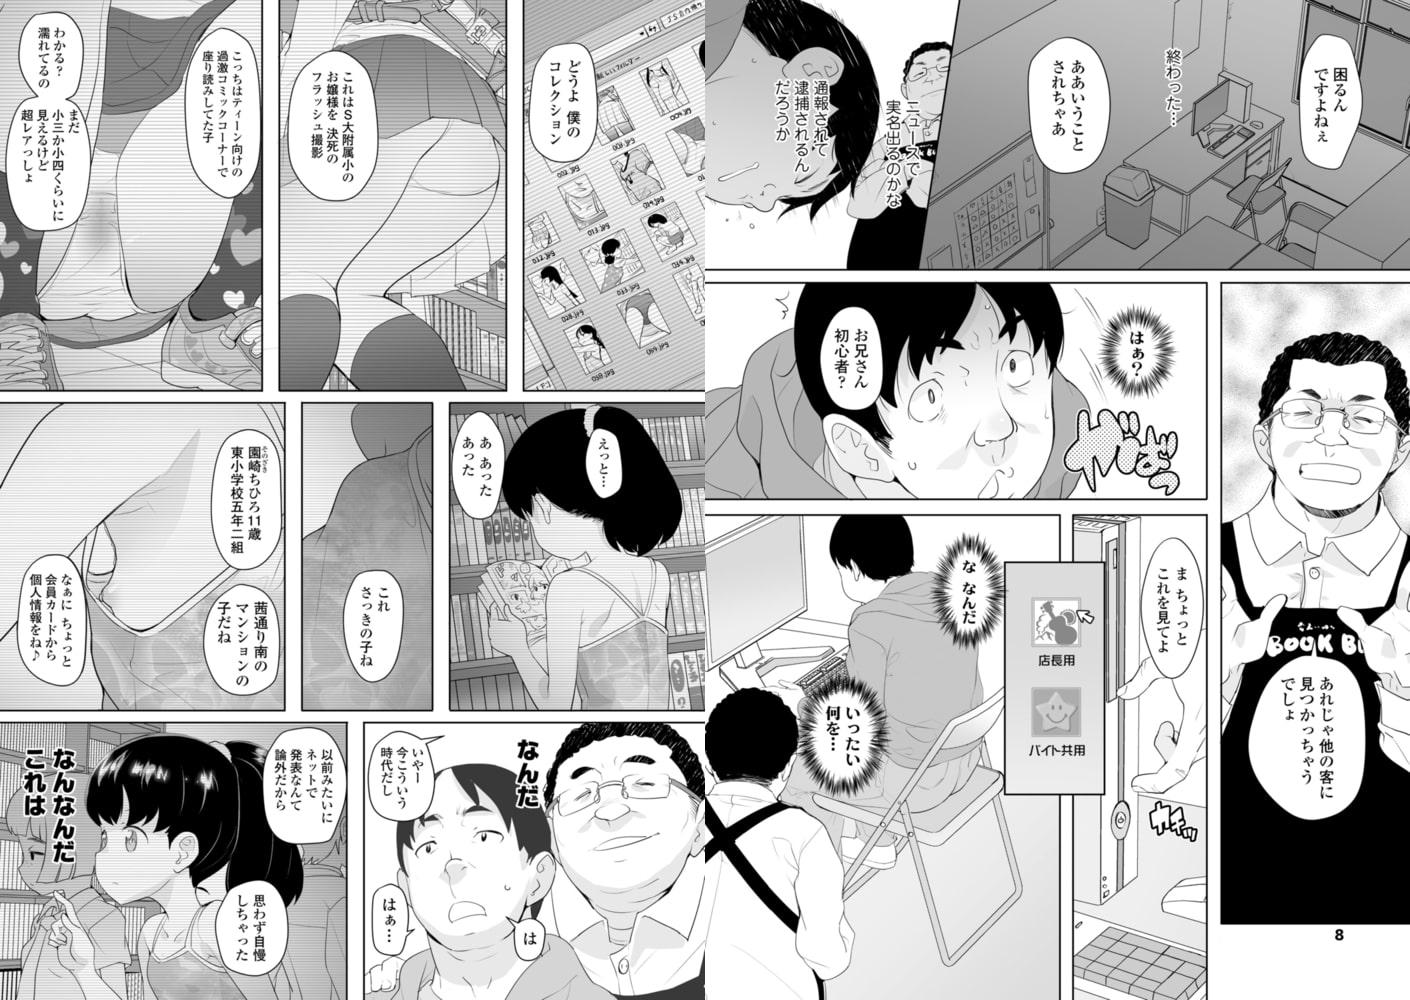 ふくらみかけの見せたがり願望【DLsite限定特典付き】